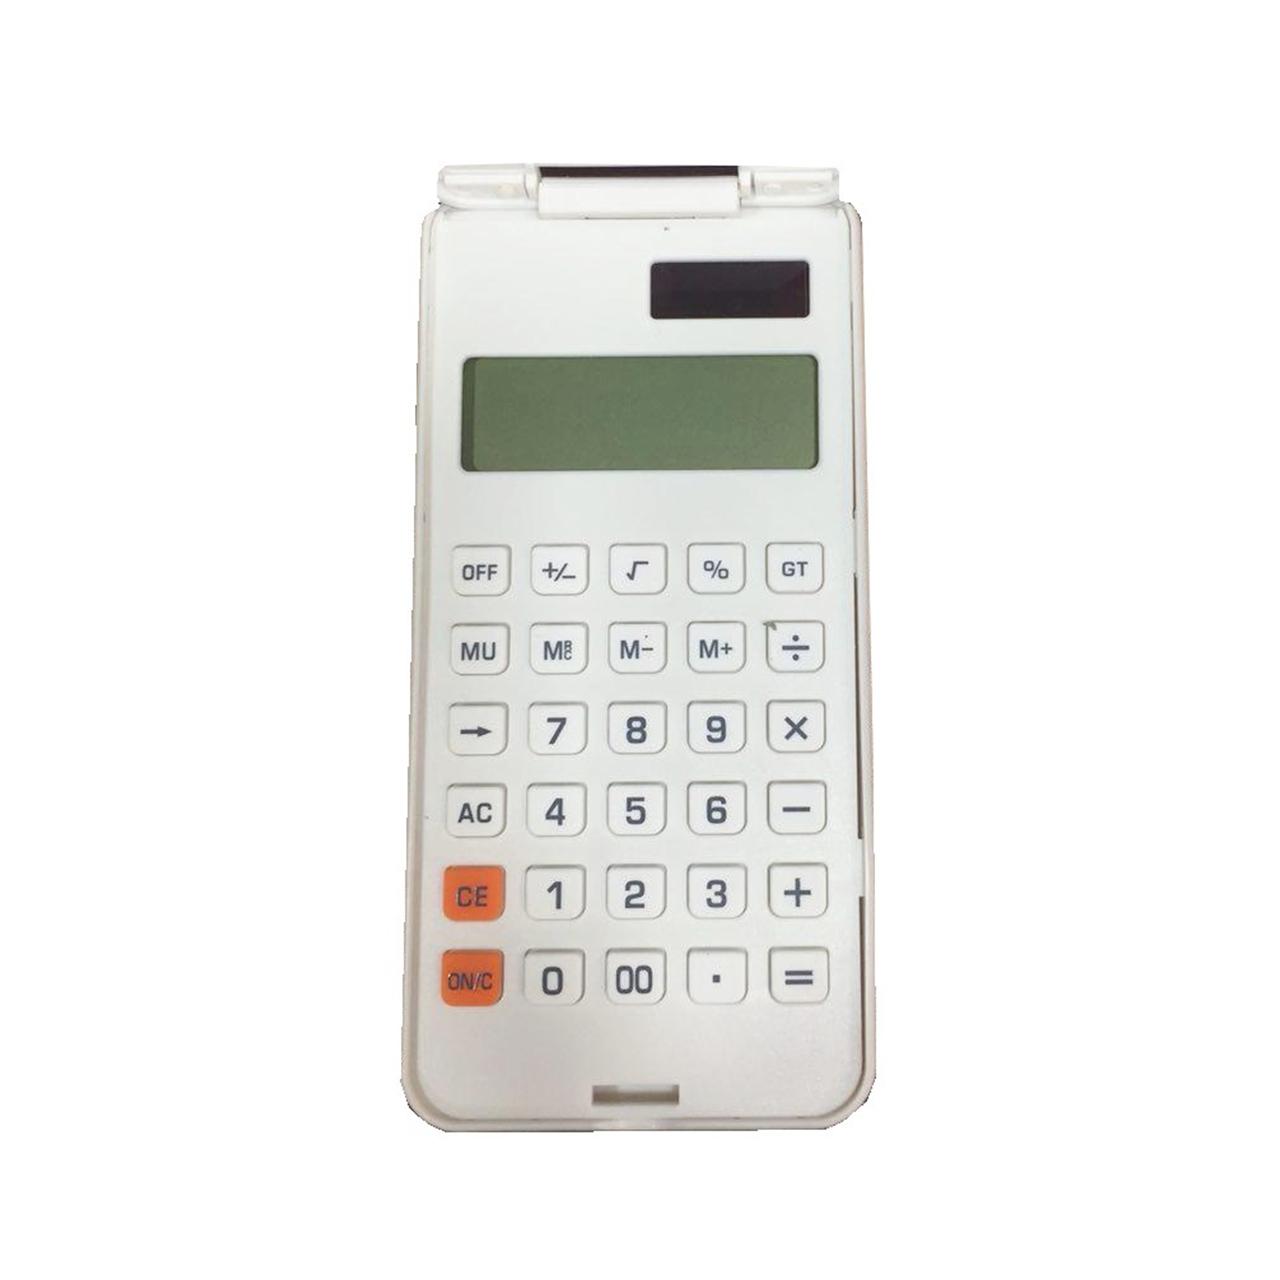 قیمت                      ماشین حساب مدل Iphone کد 1160